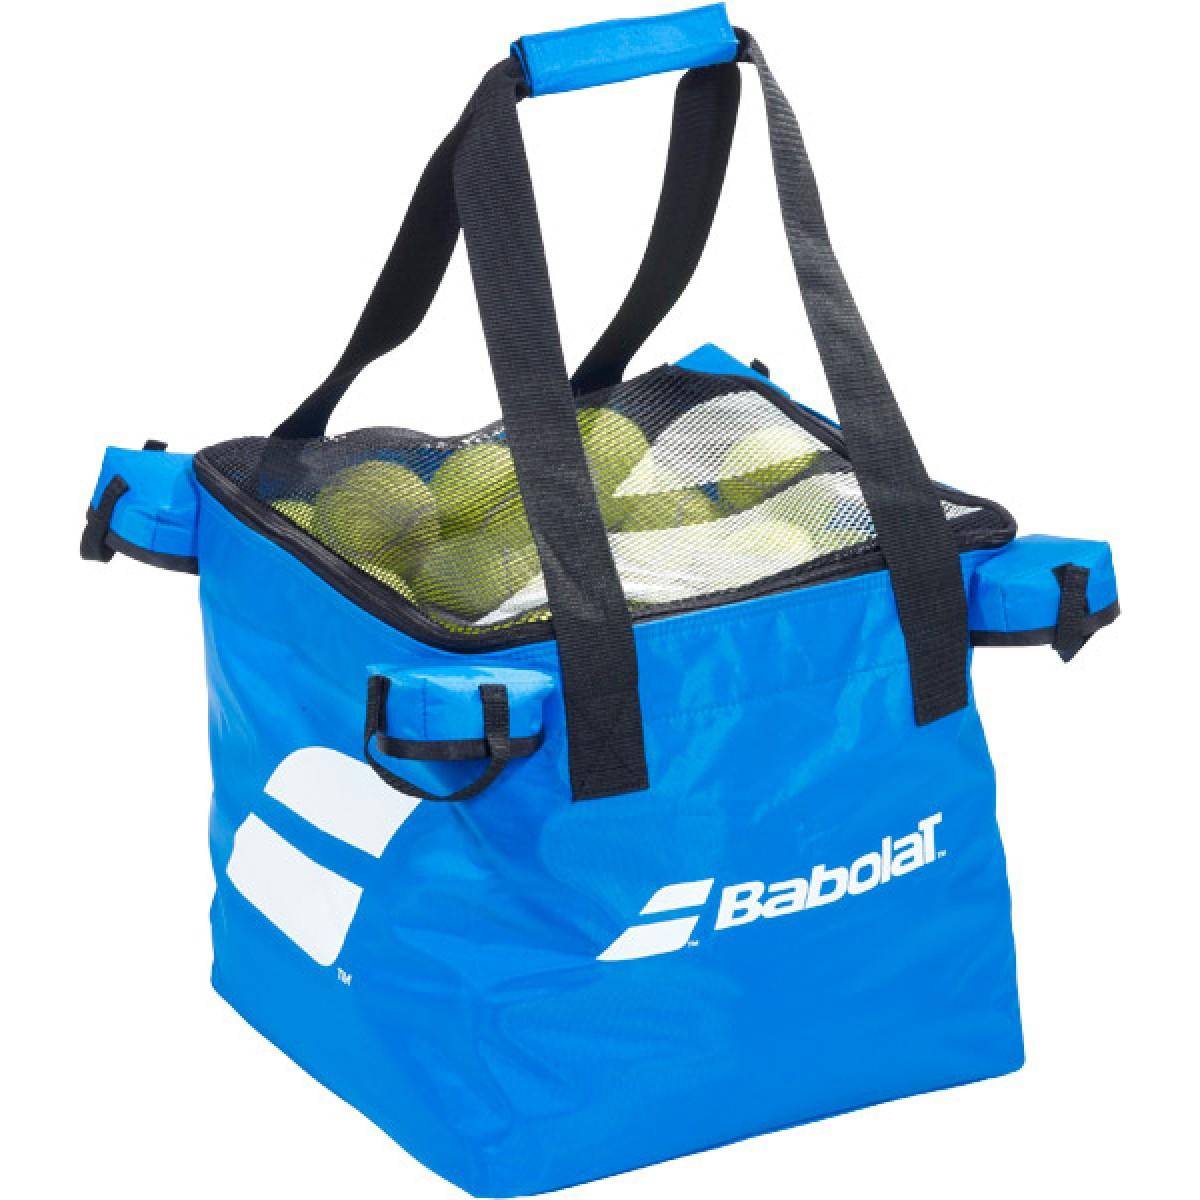 バボラ テニス ボール バッグ(120球可) Baborat 練習用備品